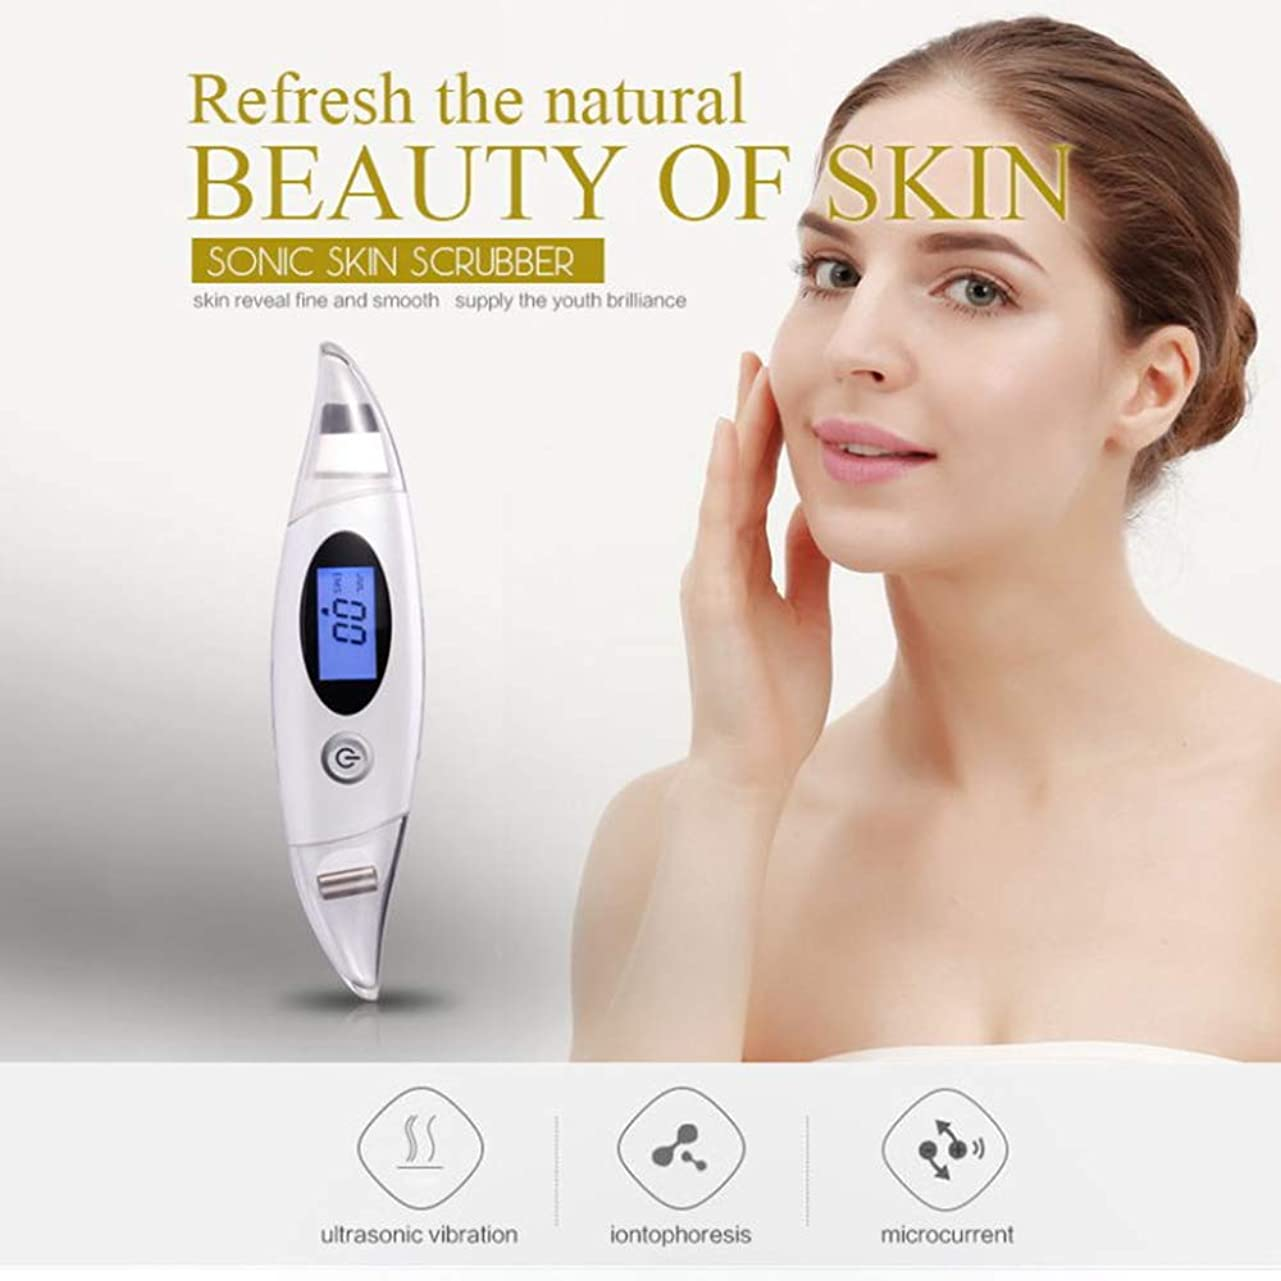 はぁブローホール市長しわ除去Rf美容デバイス、顔のクレンジング、リフティング&引き締めデバイス、ディープクレンジング振動美容ツールをきつく締めるフェイスリフティングスキン